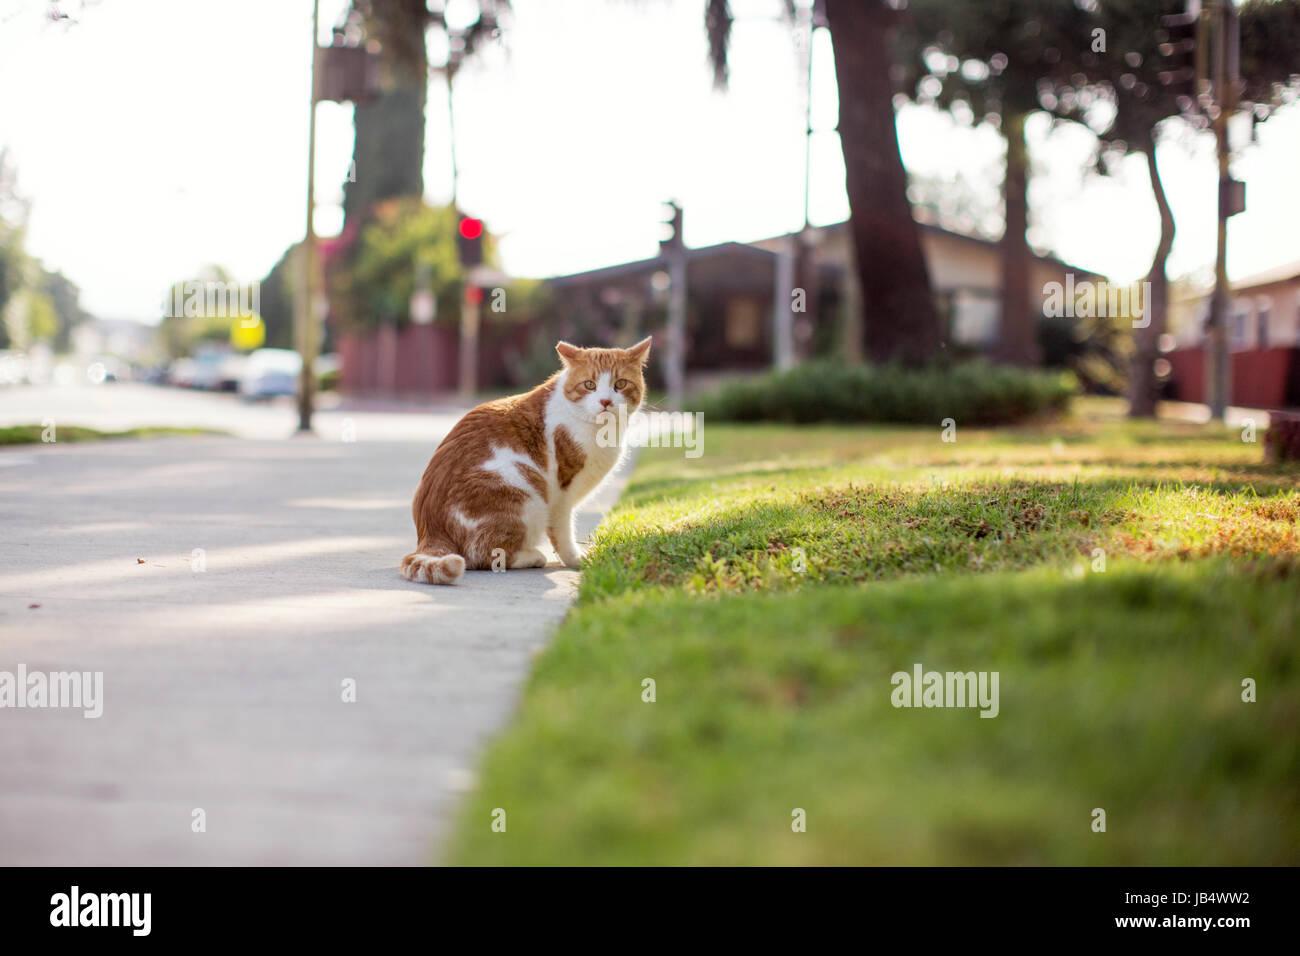 Une orange tabby dans une cour avant fixant prudemment vers la caméra, avec les oreilles de la transmission. Banque D'Images